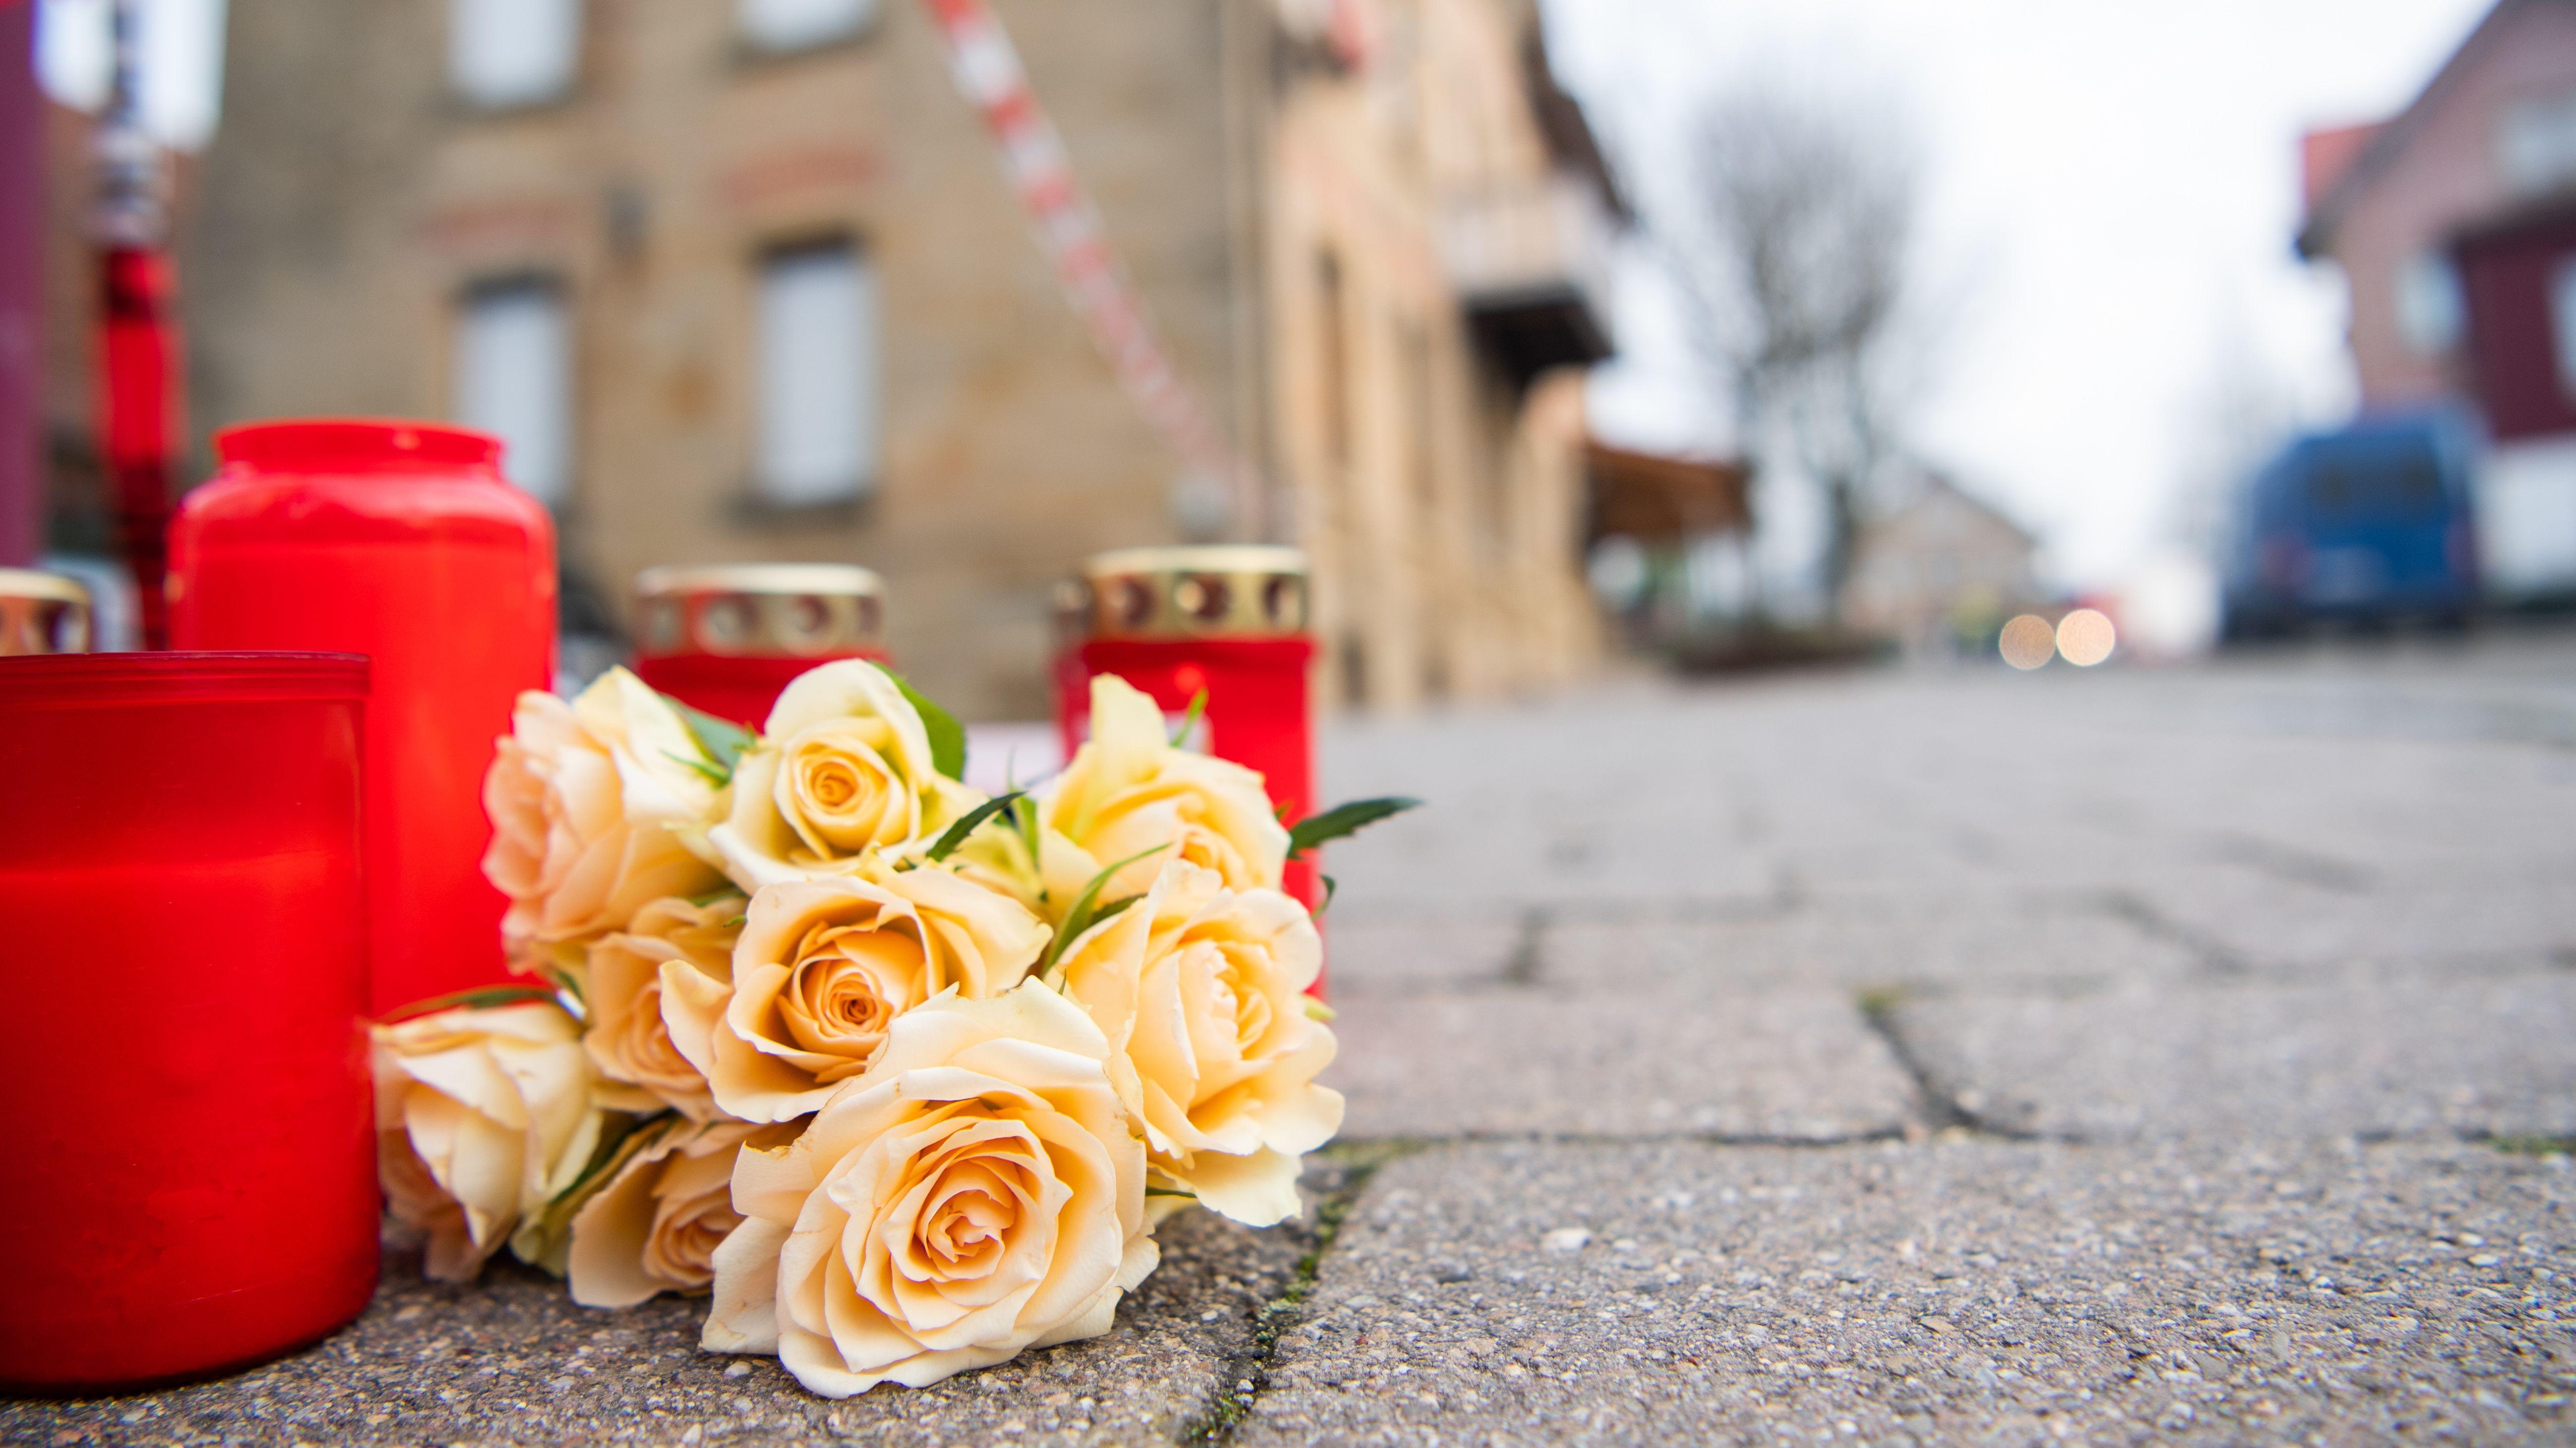 Am Tag nach den tödlichen Schüssen in Rot am See auf 6 Menschen liegen Blumen und Kerzen vor dem Tatort in Rot am See.